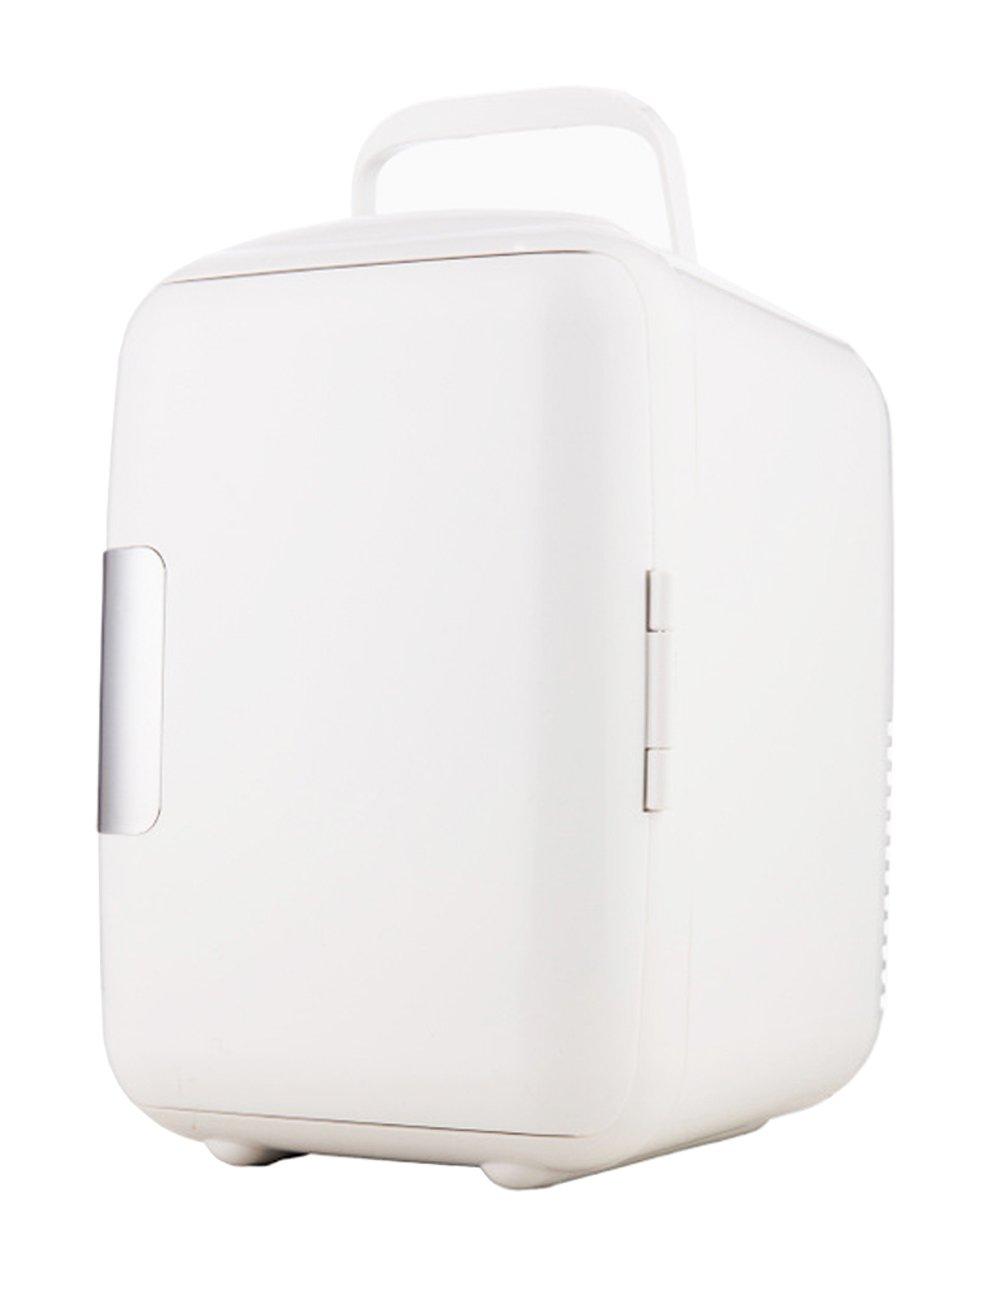 CUKKE 4L 12V frigorifero dell'automobile del frigorifero dell'automobile raffreddatore portatile/più caldo mini elettrodomestici da frigorifero(Blu) WUXI SHUAILADNE